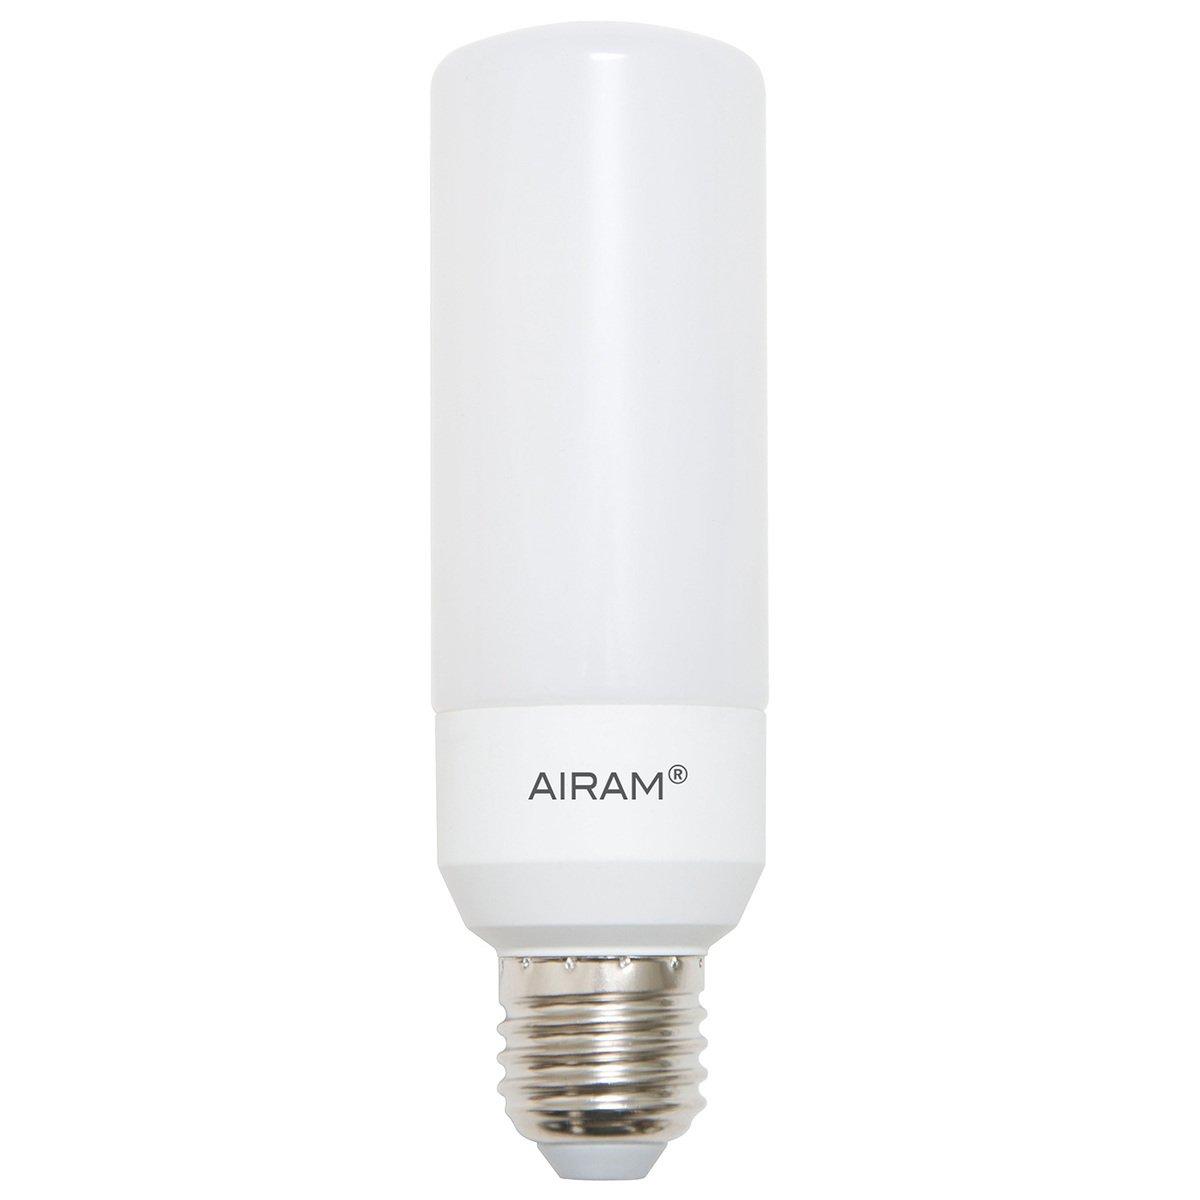 Airam Led Tubular Bulb 7 5w E27 806lm